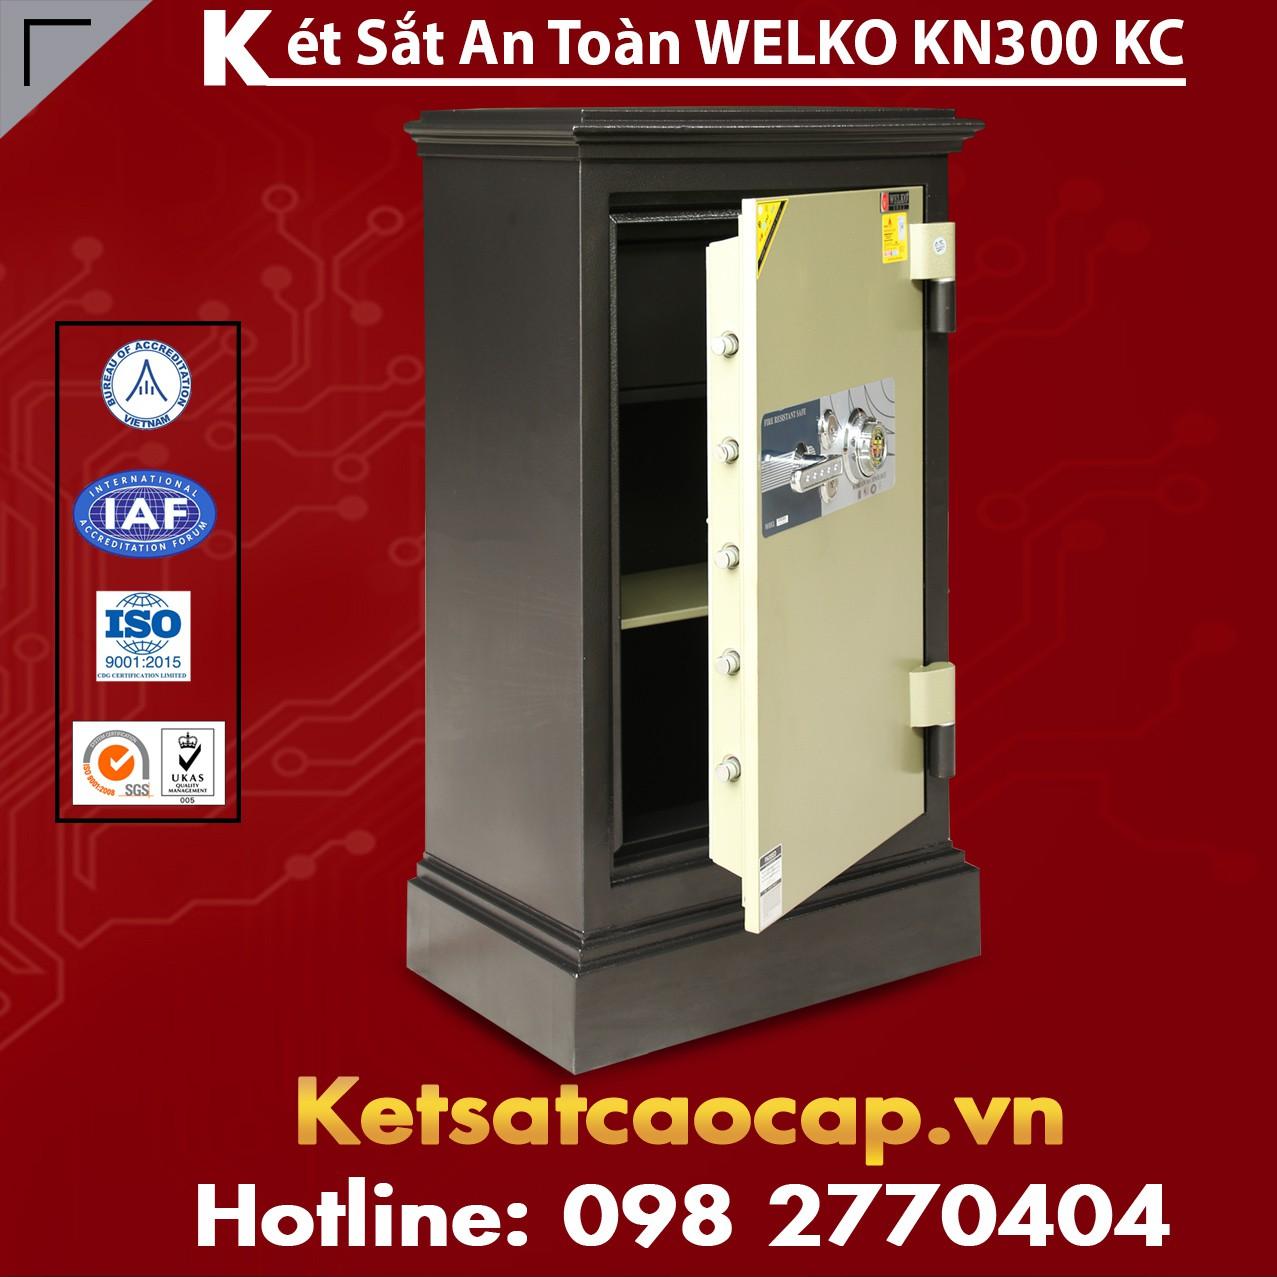 Két Sắt Khoá Cơ WELKO KN300 Black - KC